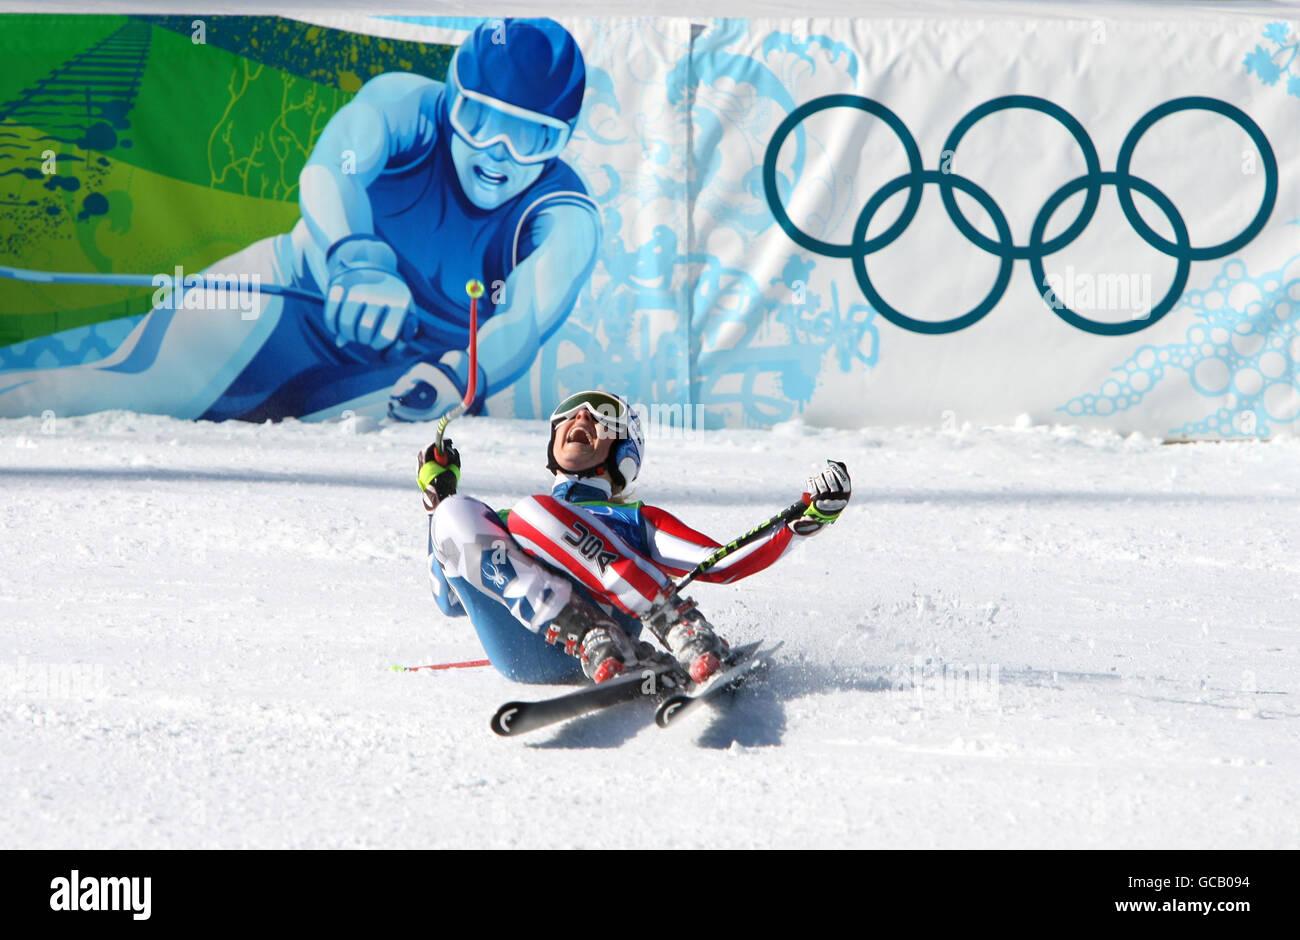 Los Juegos Olimpicos De Invierno 2010 Juegos Olimpicos De Invierno